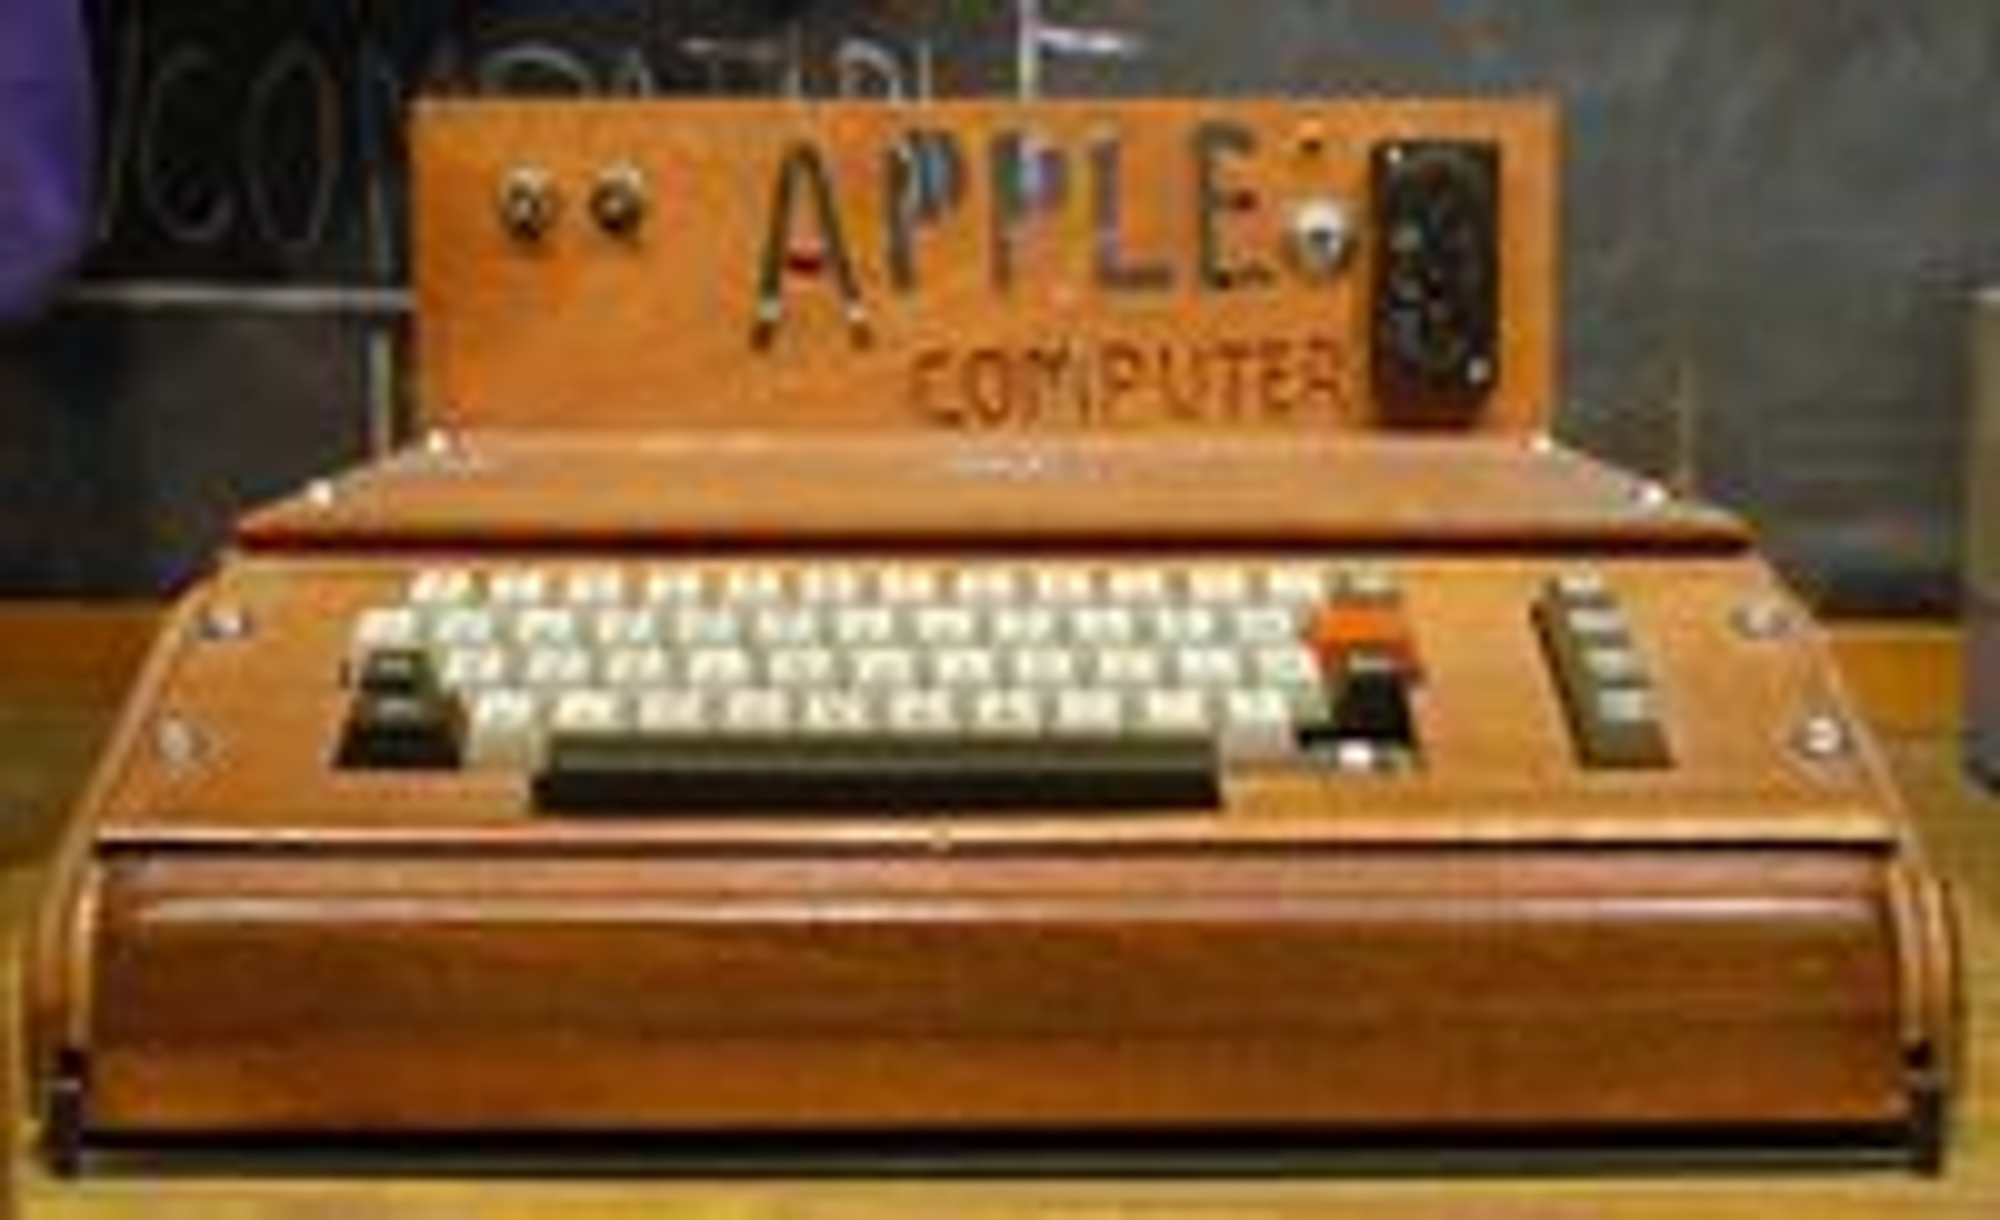 Apple I ble levert uten kabinett. Her en modell med hjemmesnekret kasse som står utstilt på museet Smithsonian.